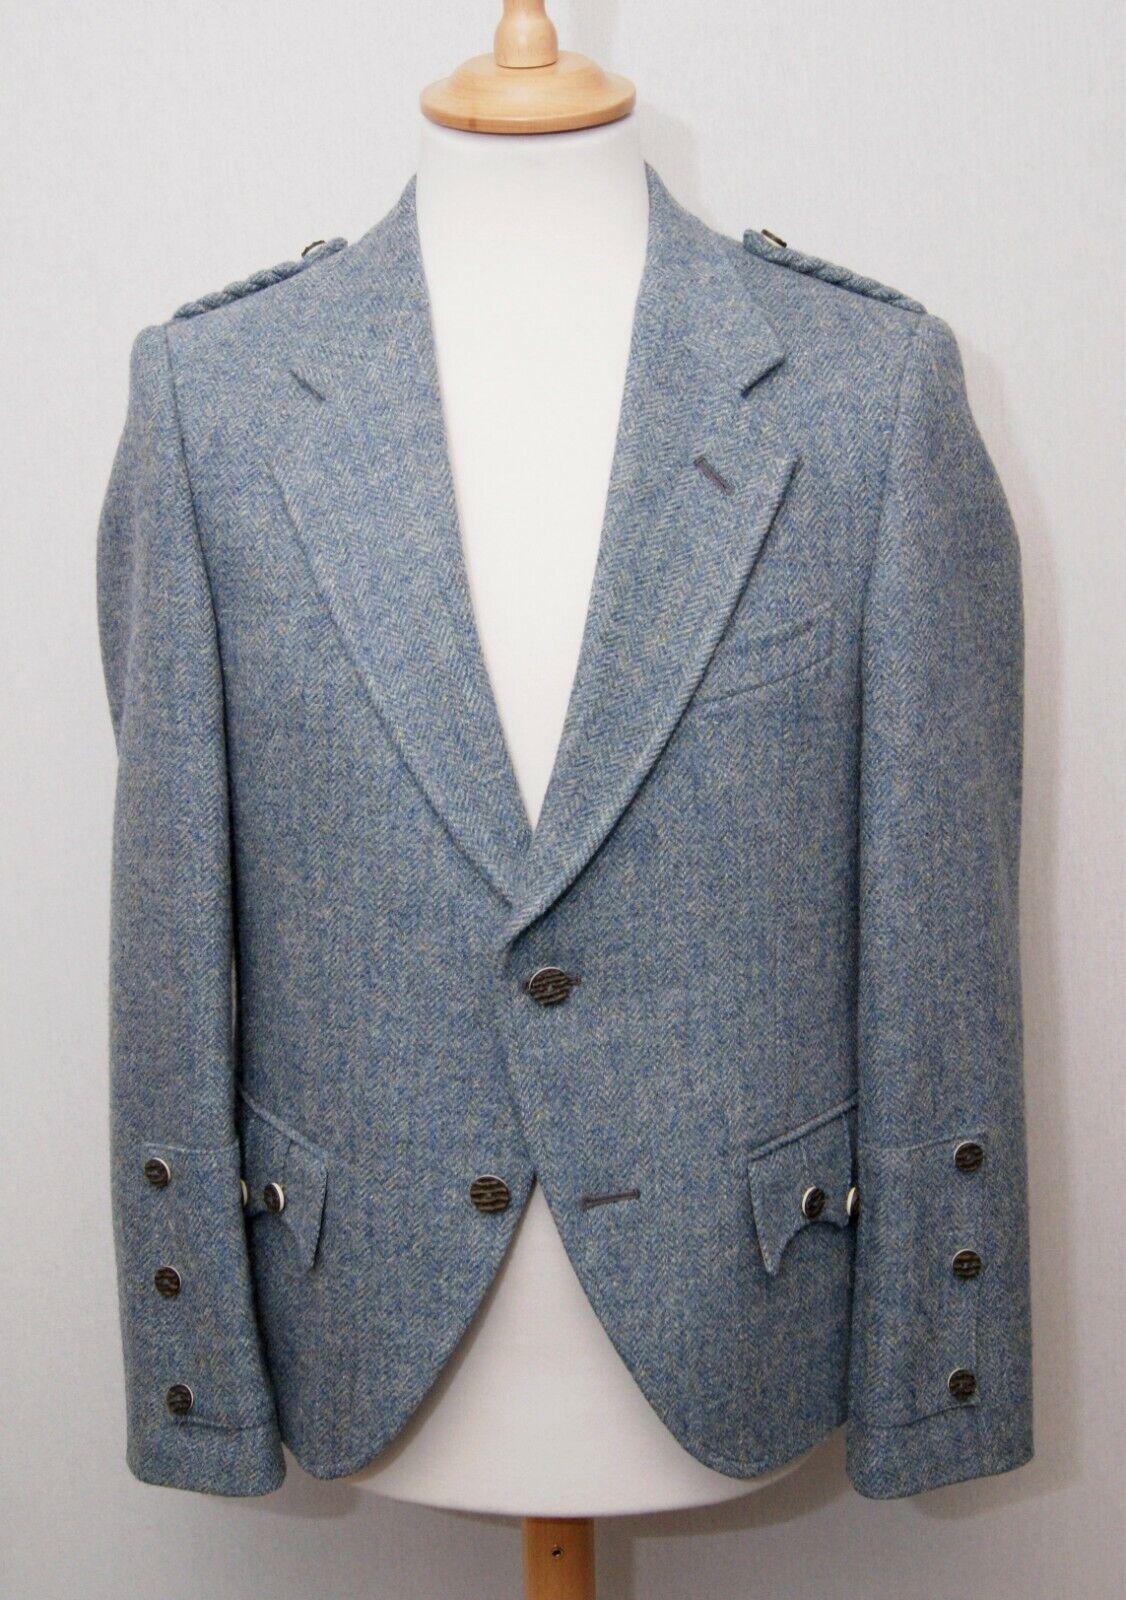 Andrew Douglas men's blue grey pure wool tweed Braemar kilt jacket 38